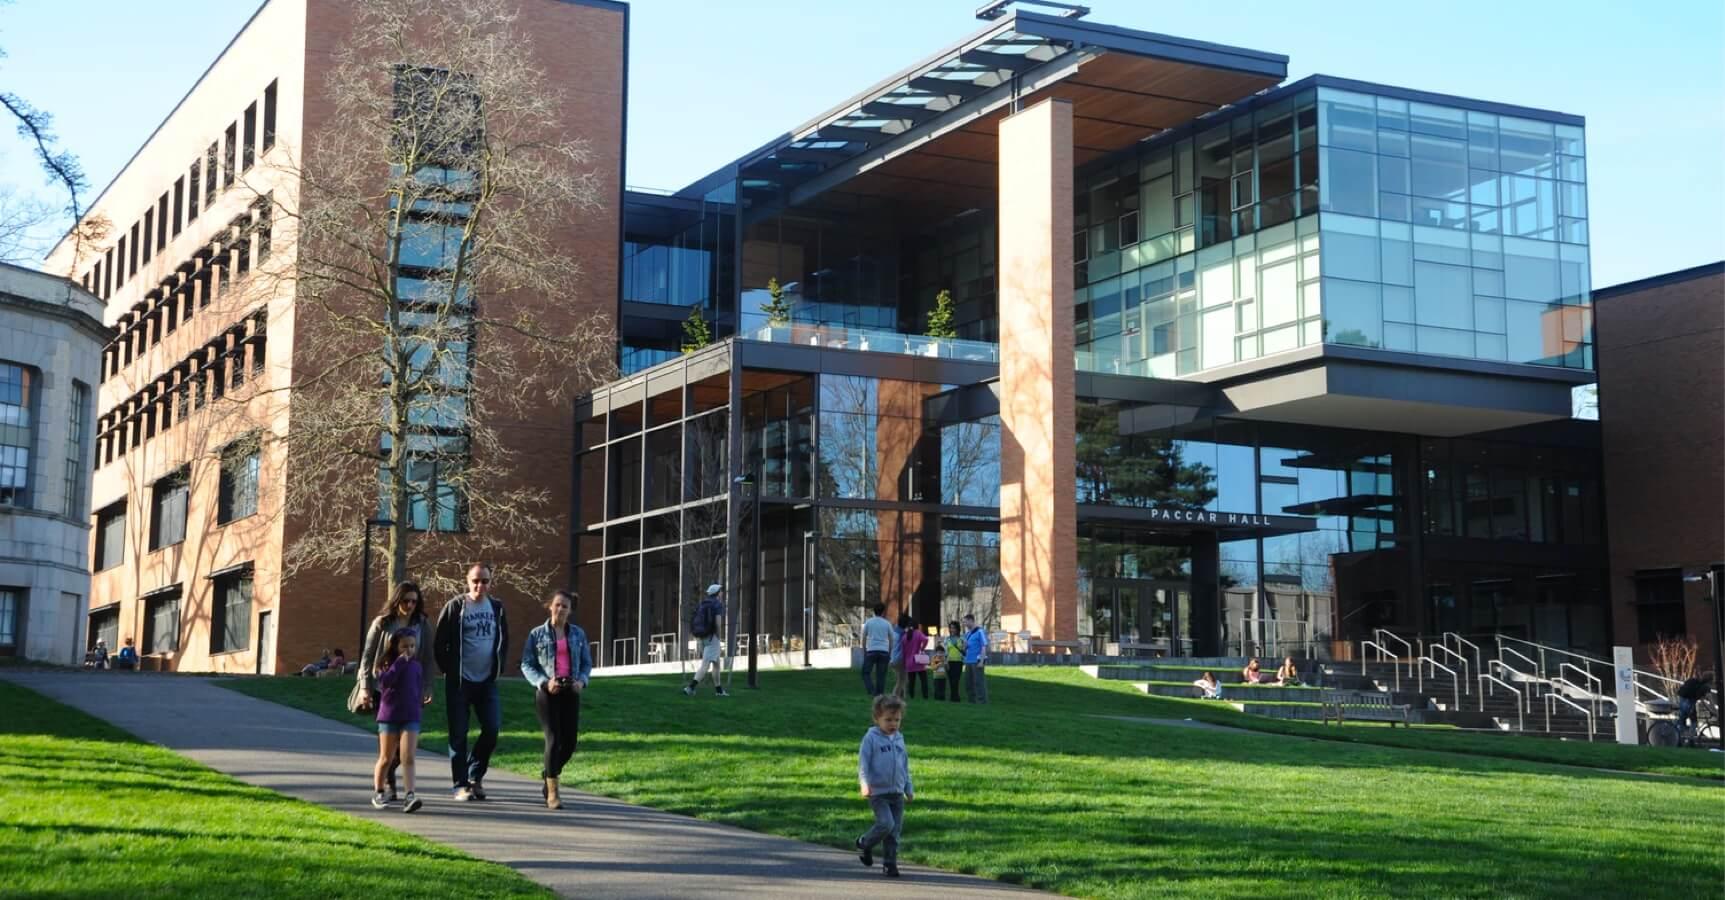 Universität von außen aufgenommen mit Menschen auf Grünflächen.